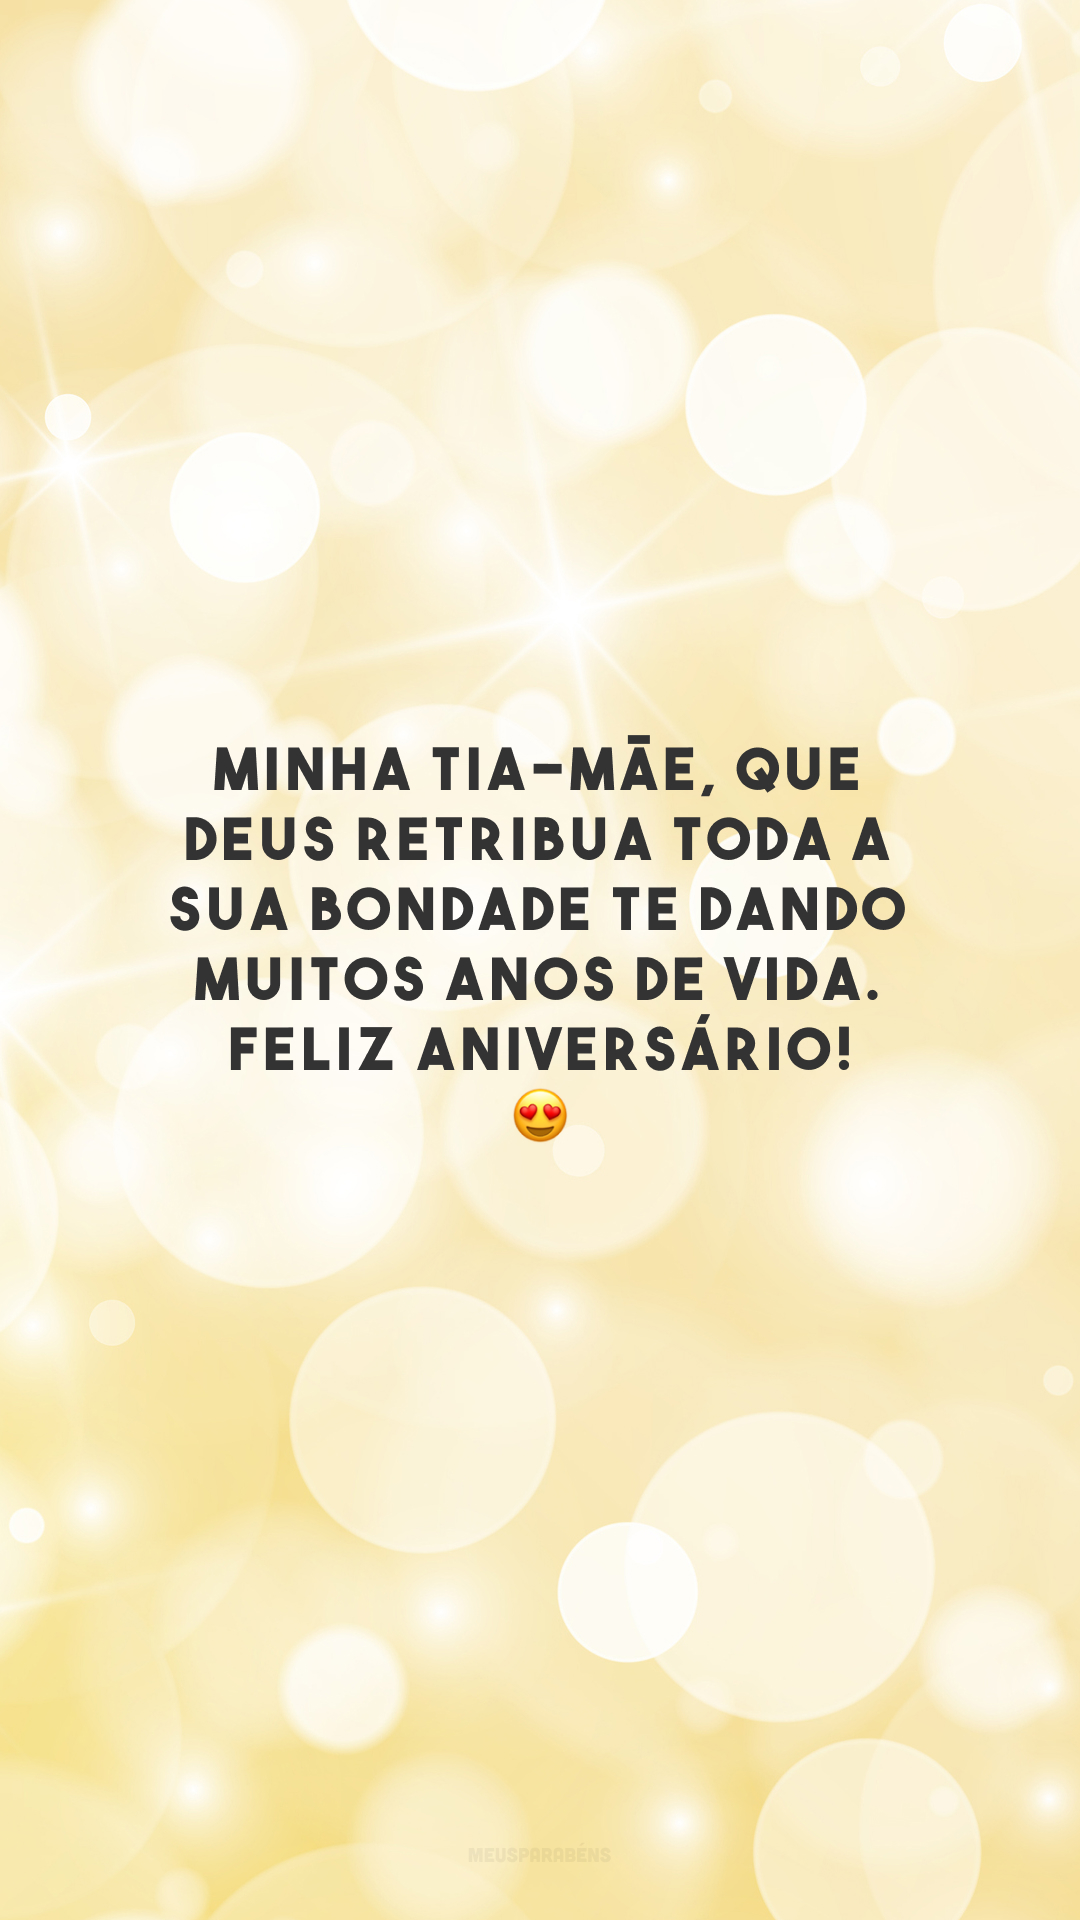 Minha tia-mãe, que Deus retribua toda a sua bondade te dando muitos anos de vida. Feliz aniversário! 😍